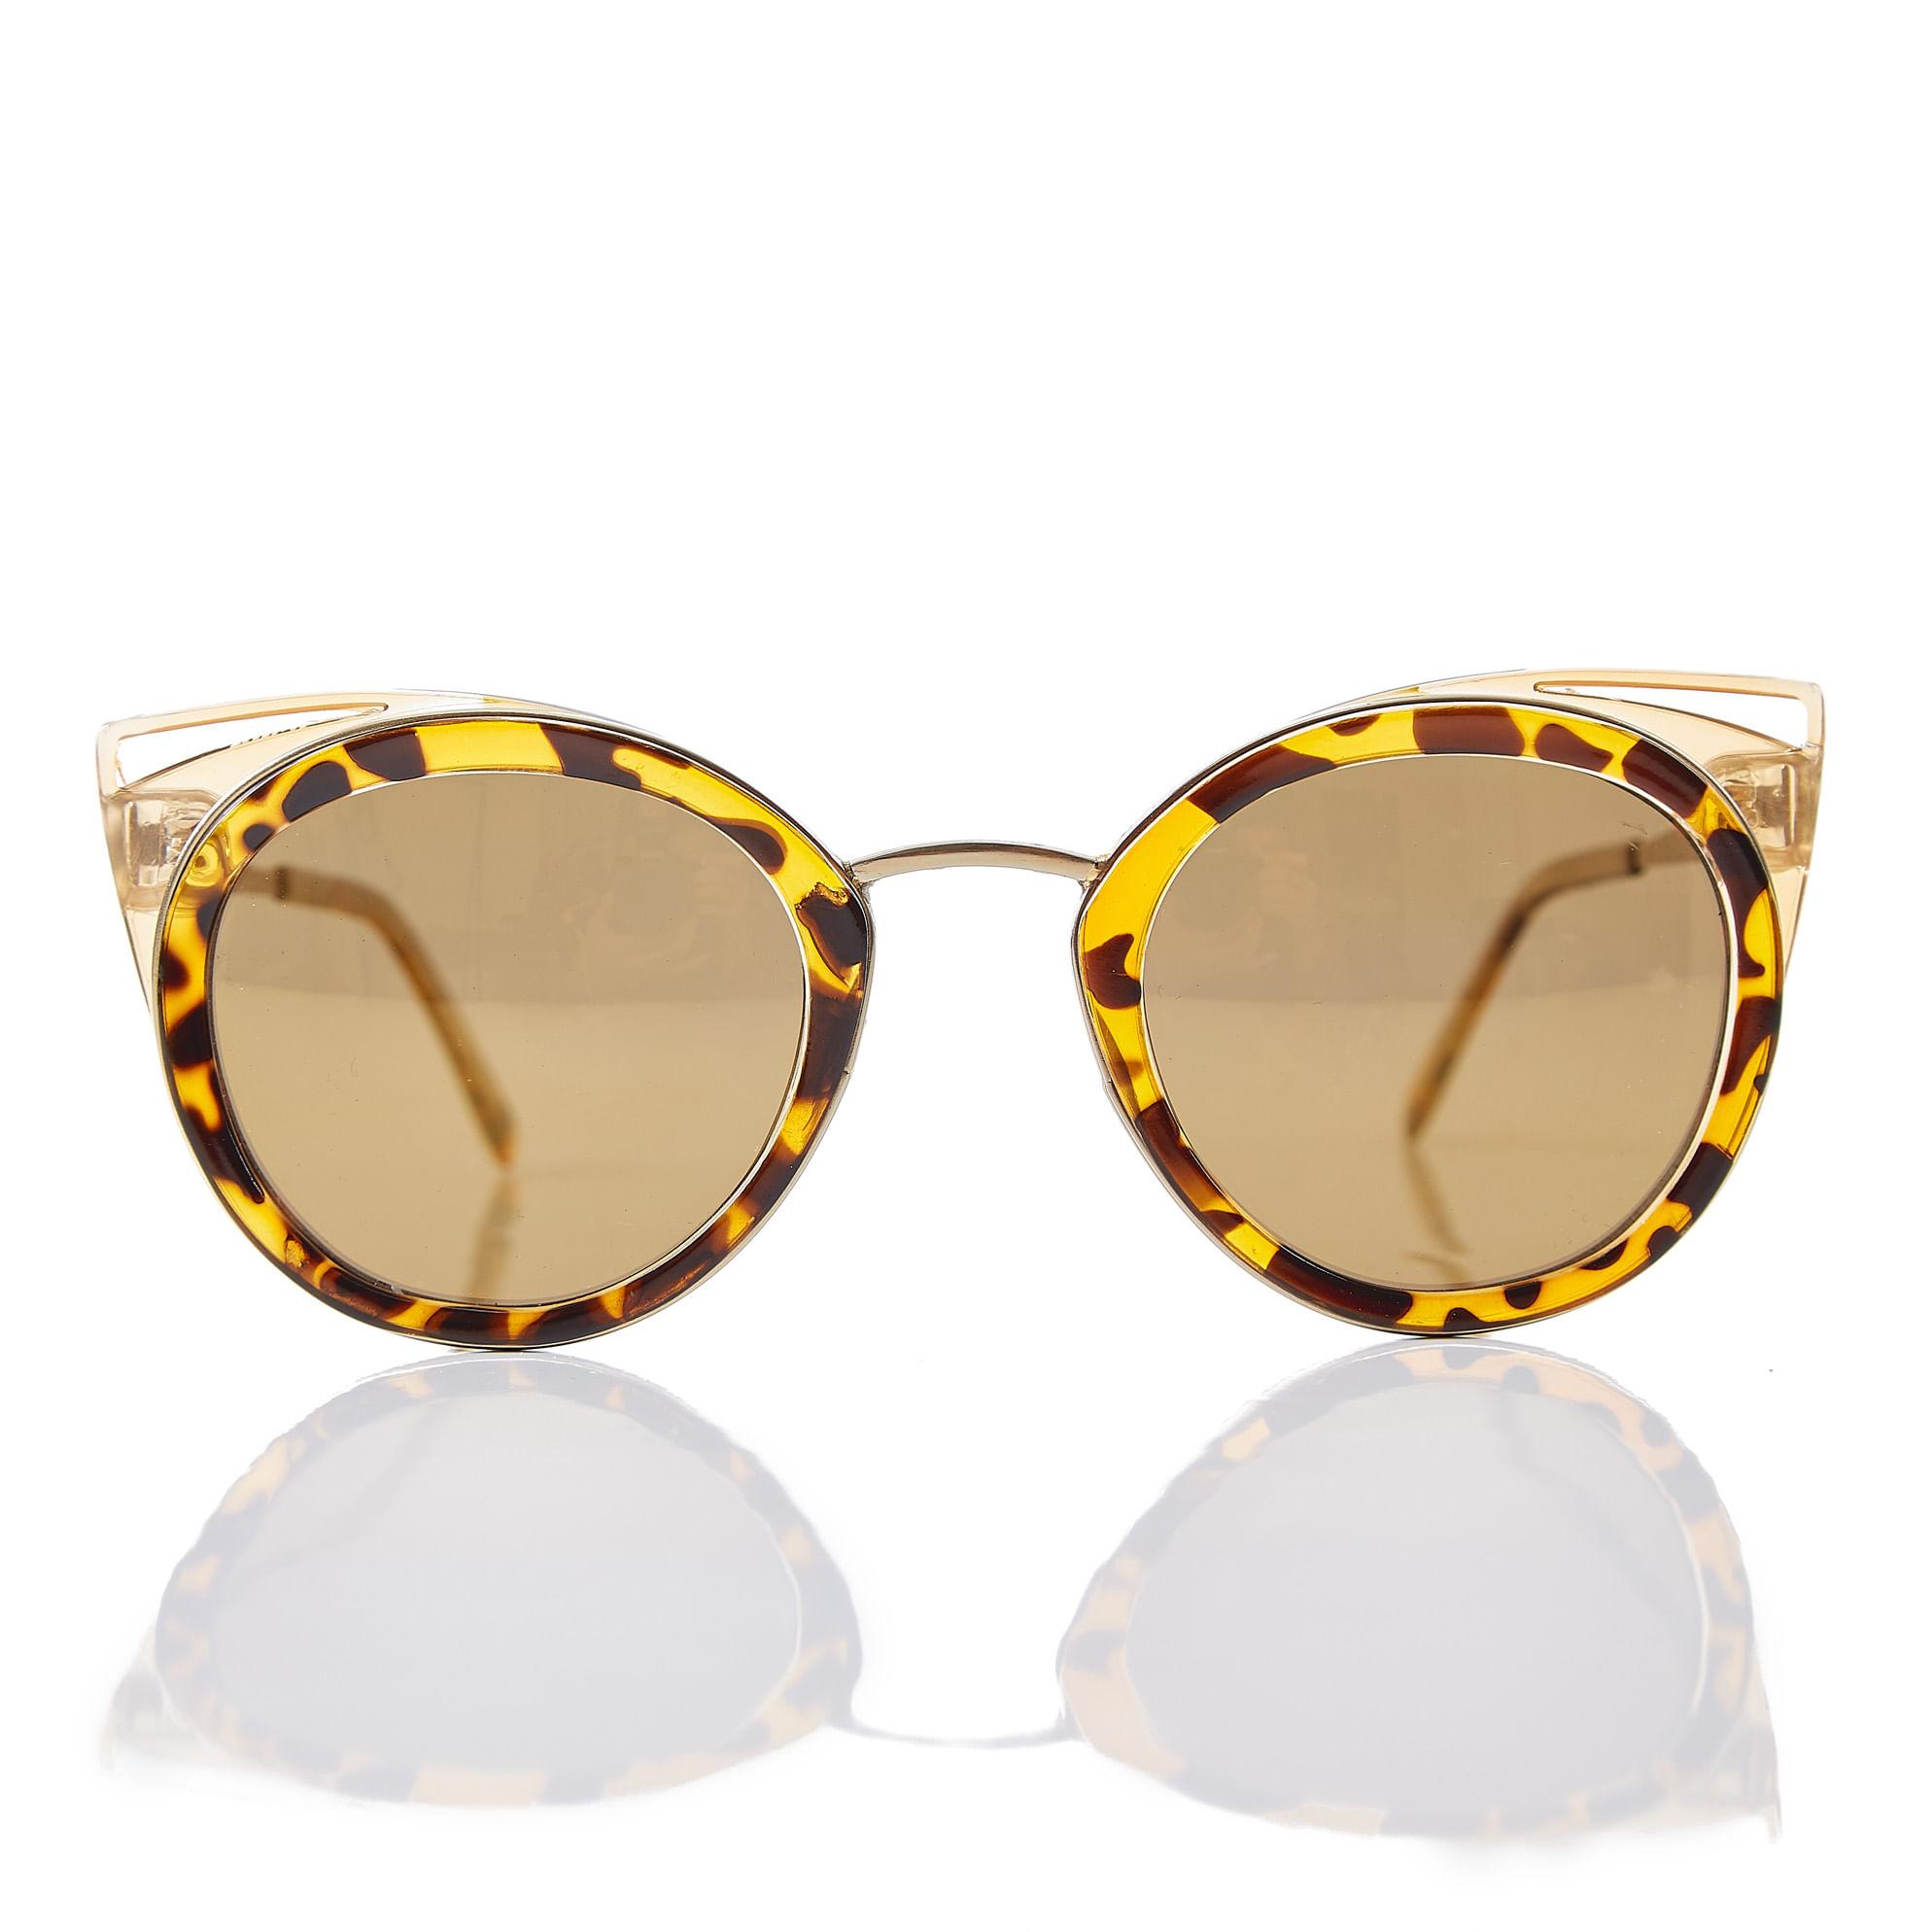 22af2c412e162 Oculos Gatinho Lateral Vazada Marrom - morenarosa